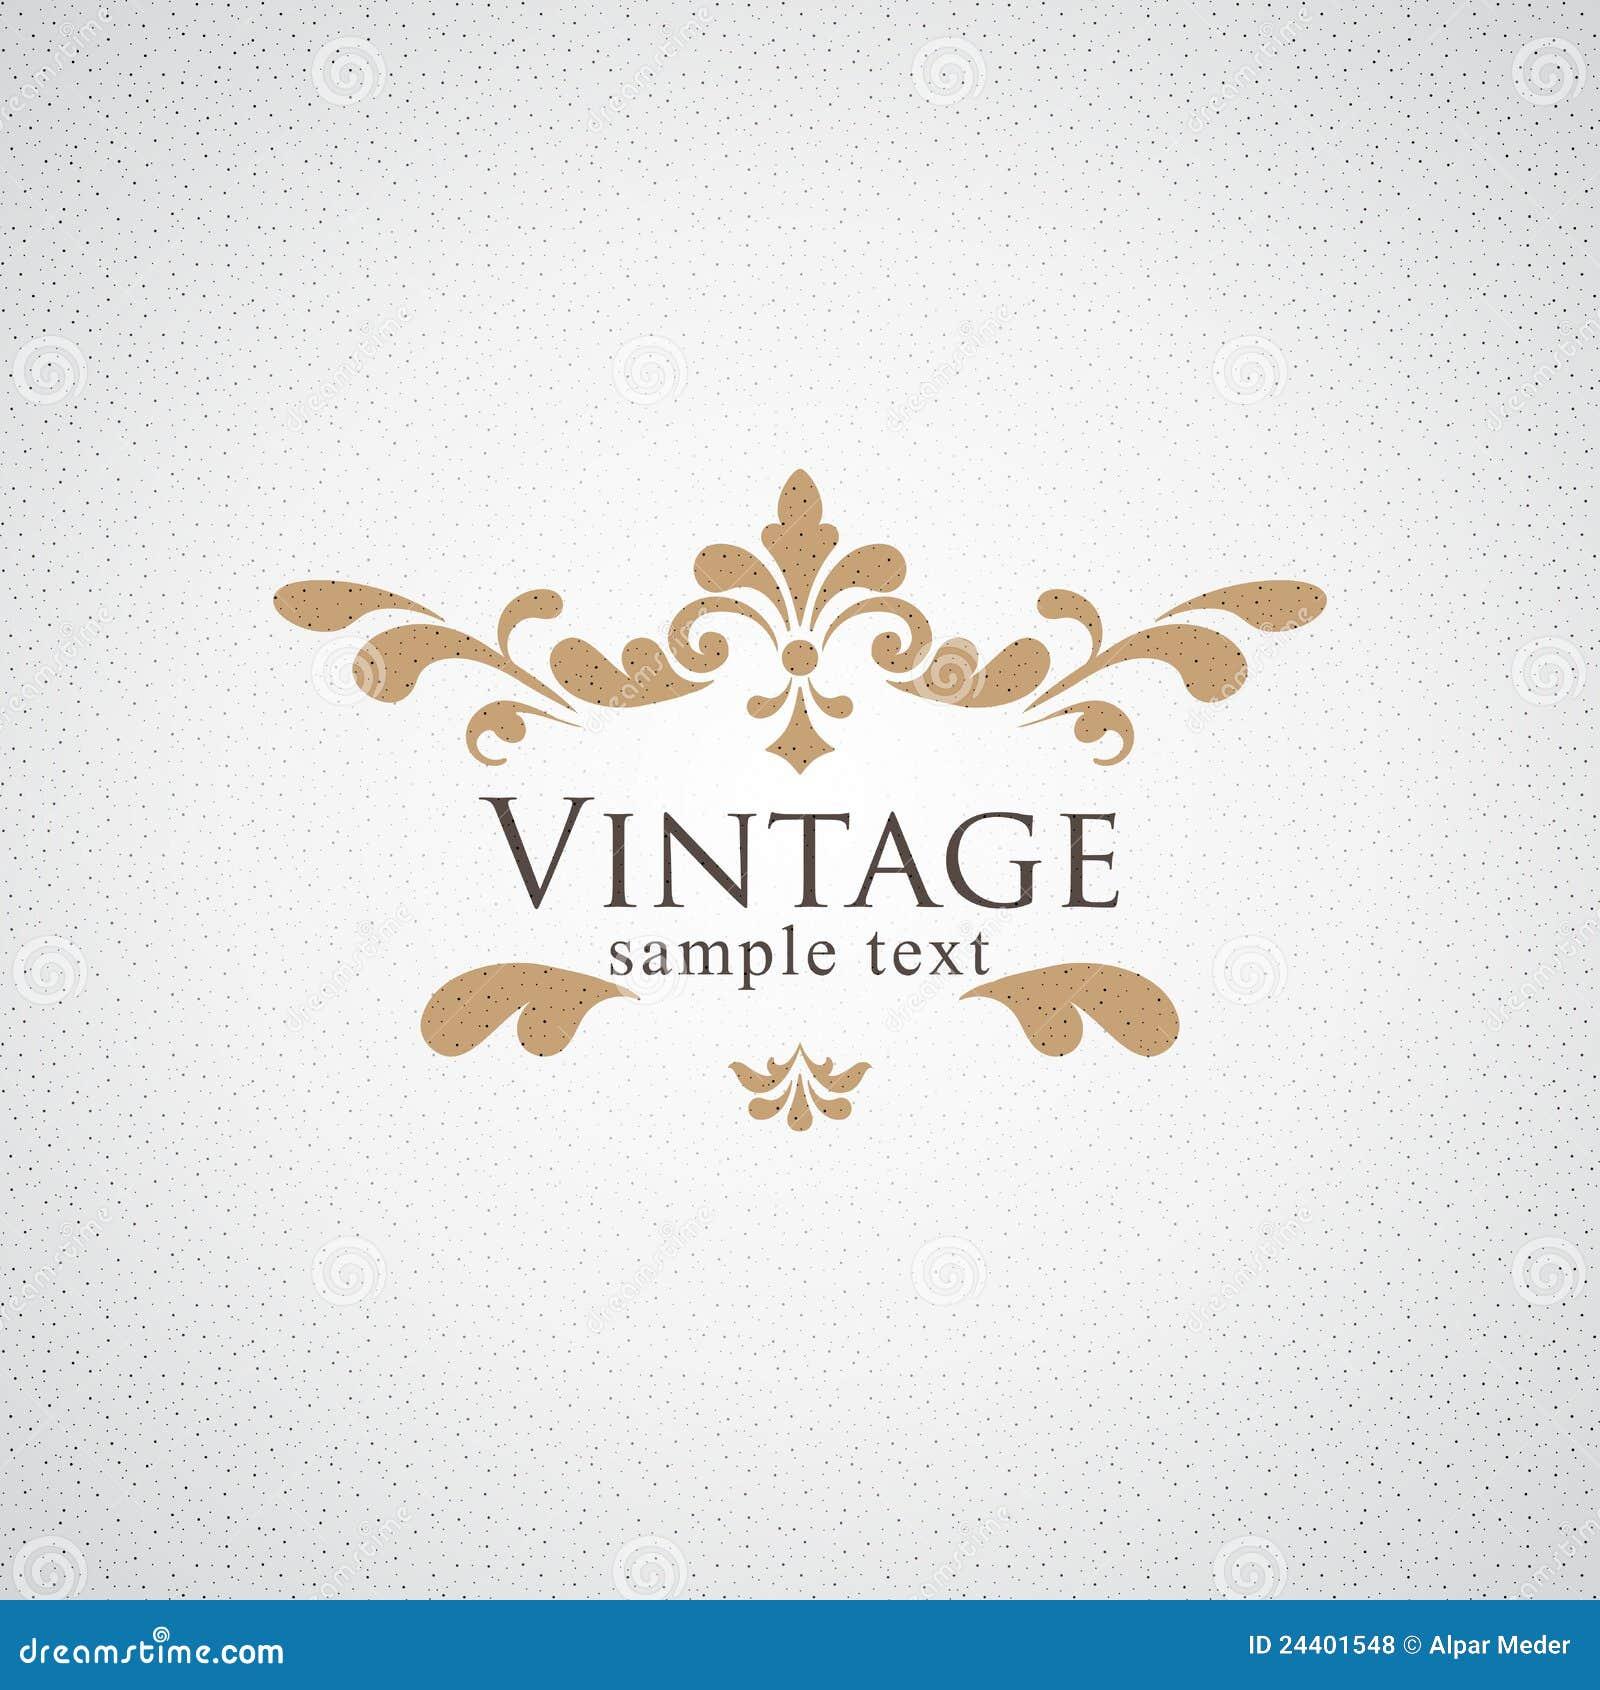 Vintage Ornament Clipart